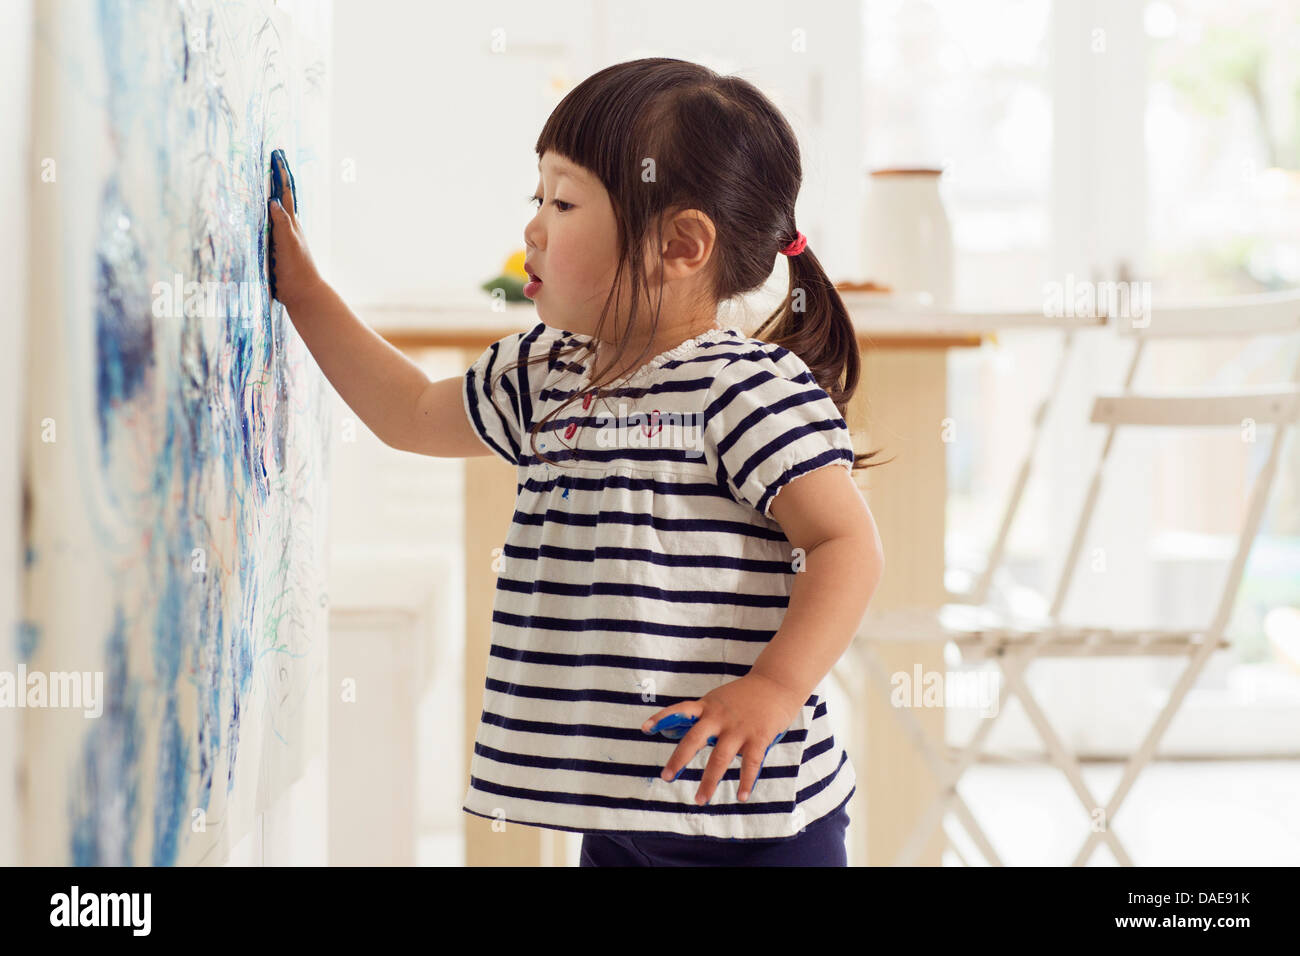 Weiblichen Kleinkind machen Handabdruck Malerei Stockbild